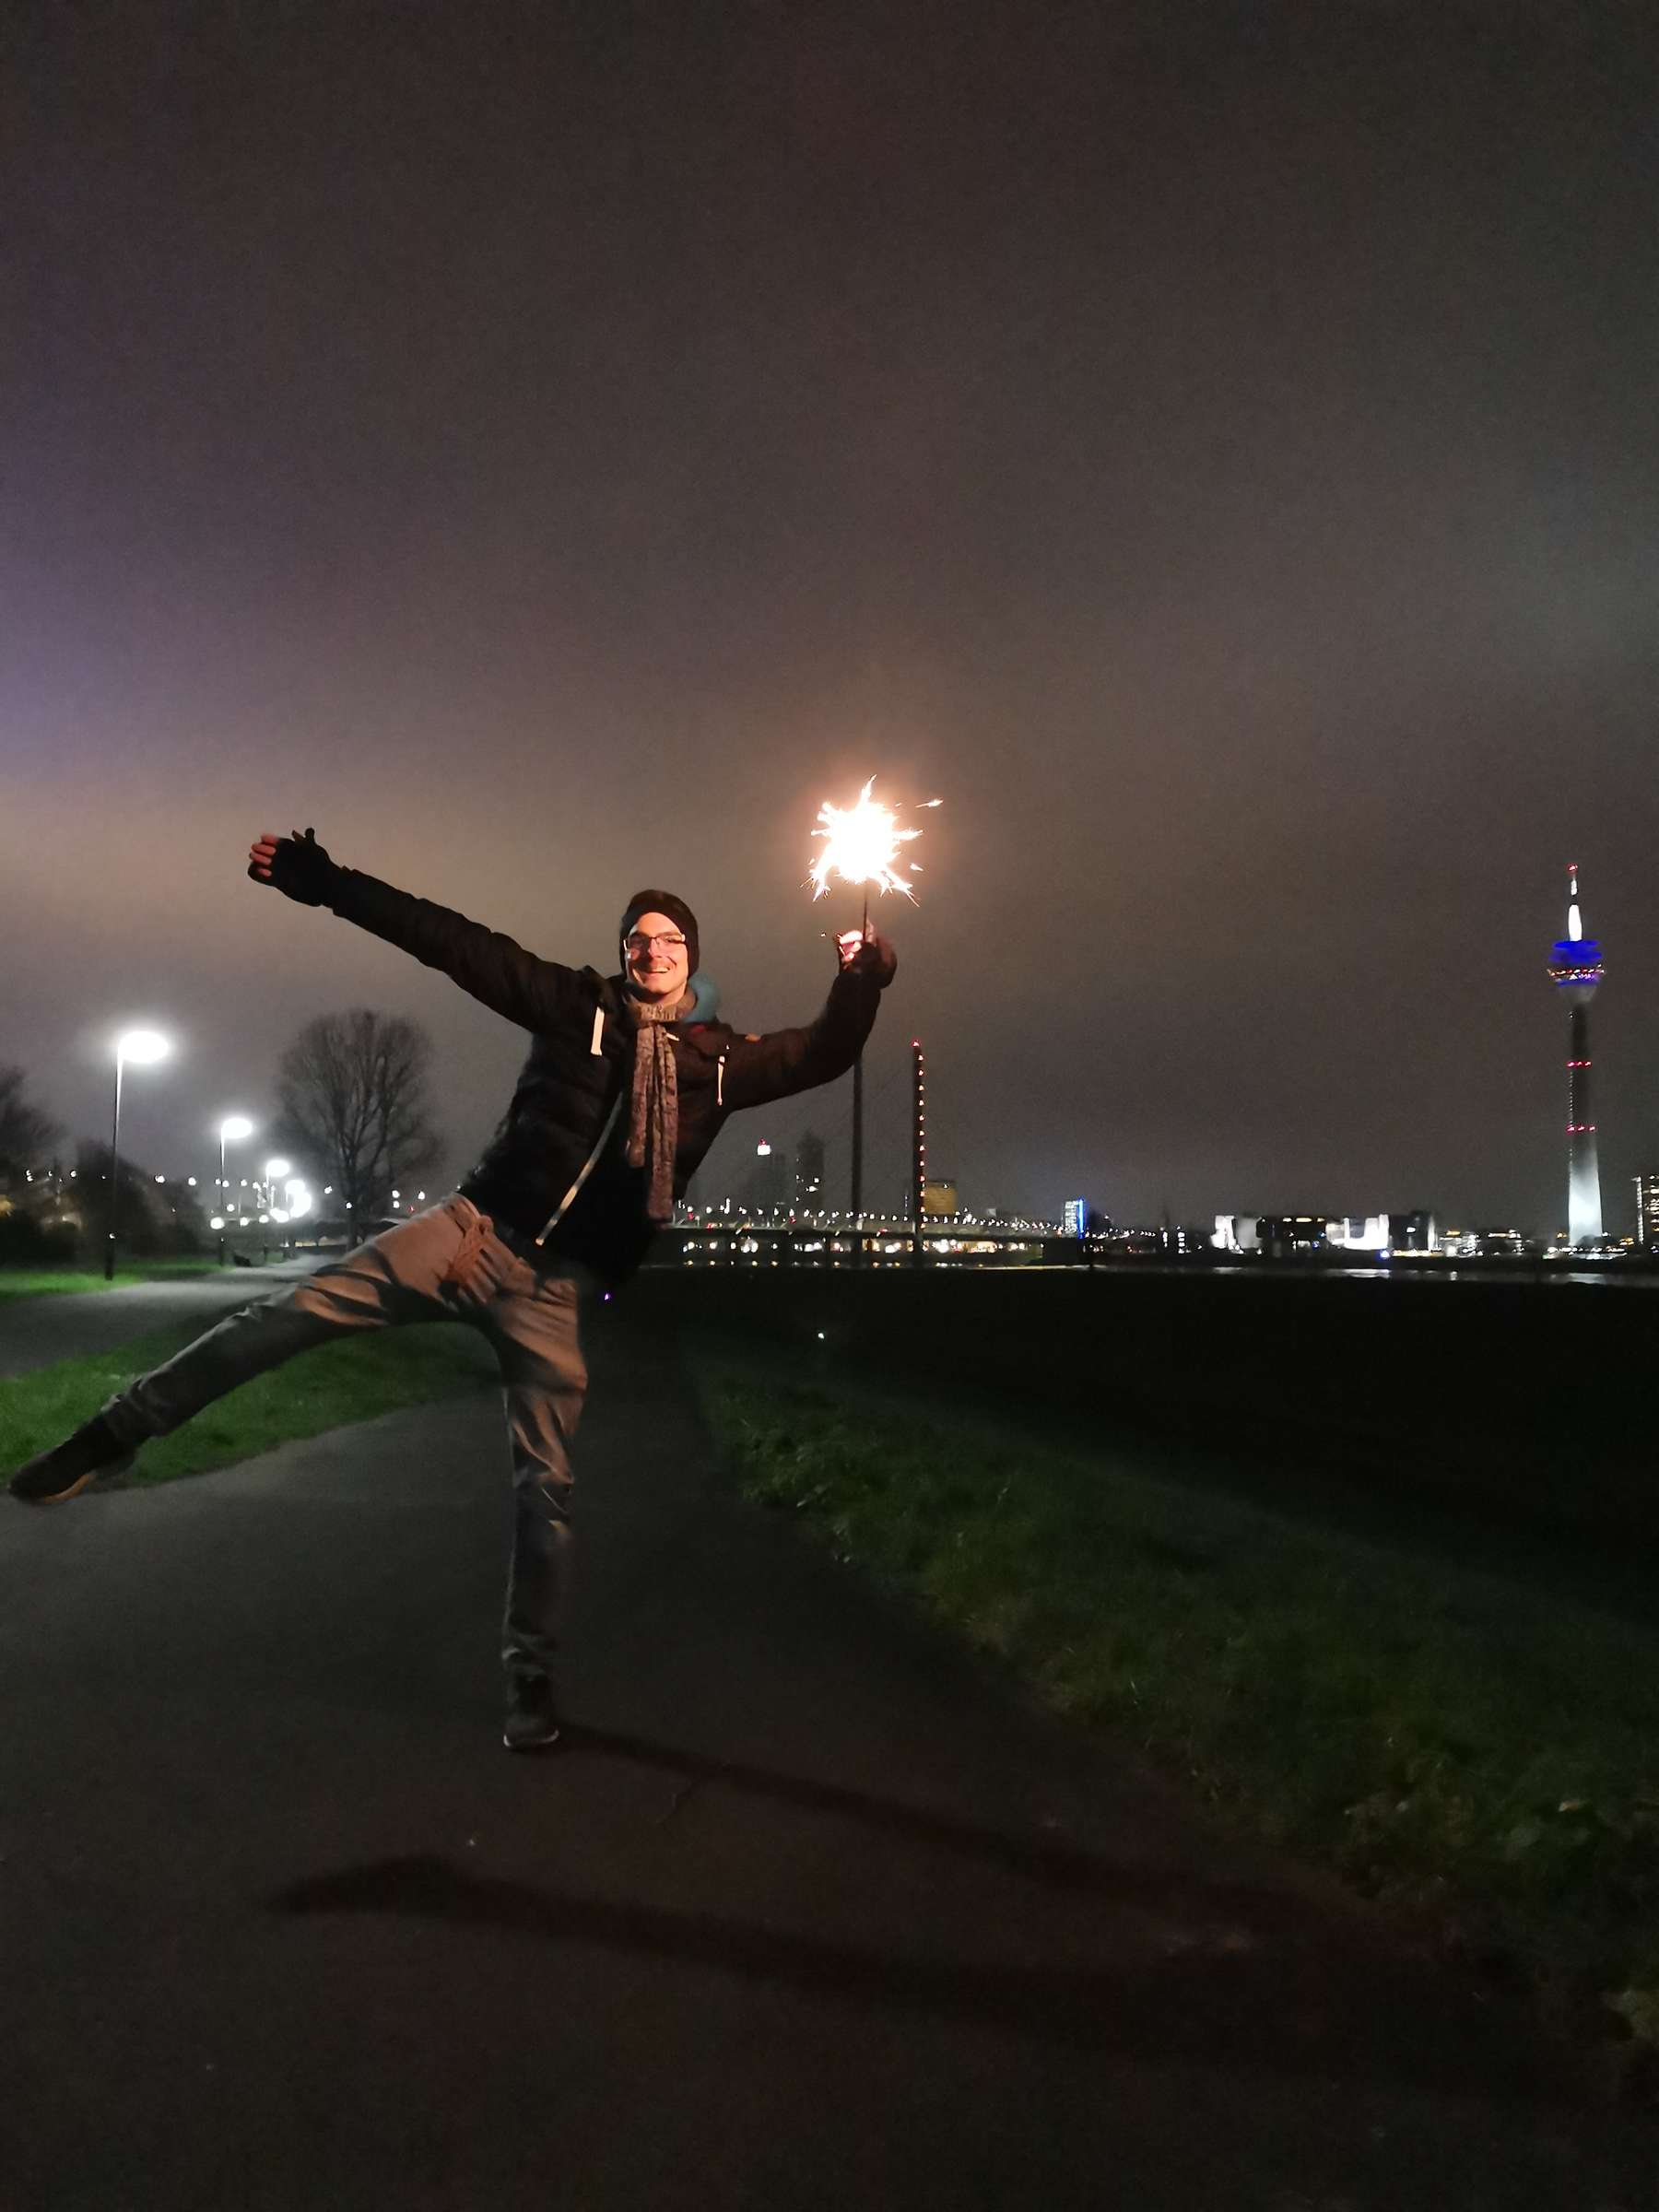 Hübscher Mann auf einem Bein balancierend am Silvesterabend mit einer Wunderkerze am Rheinufer Düsseldorf fotografiert.